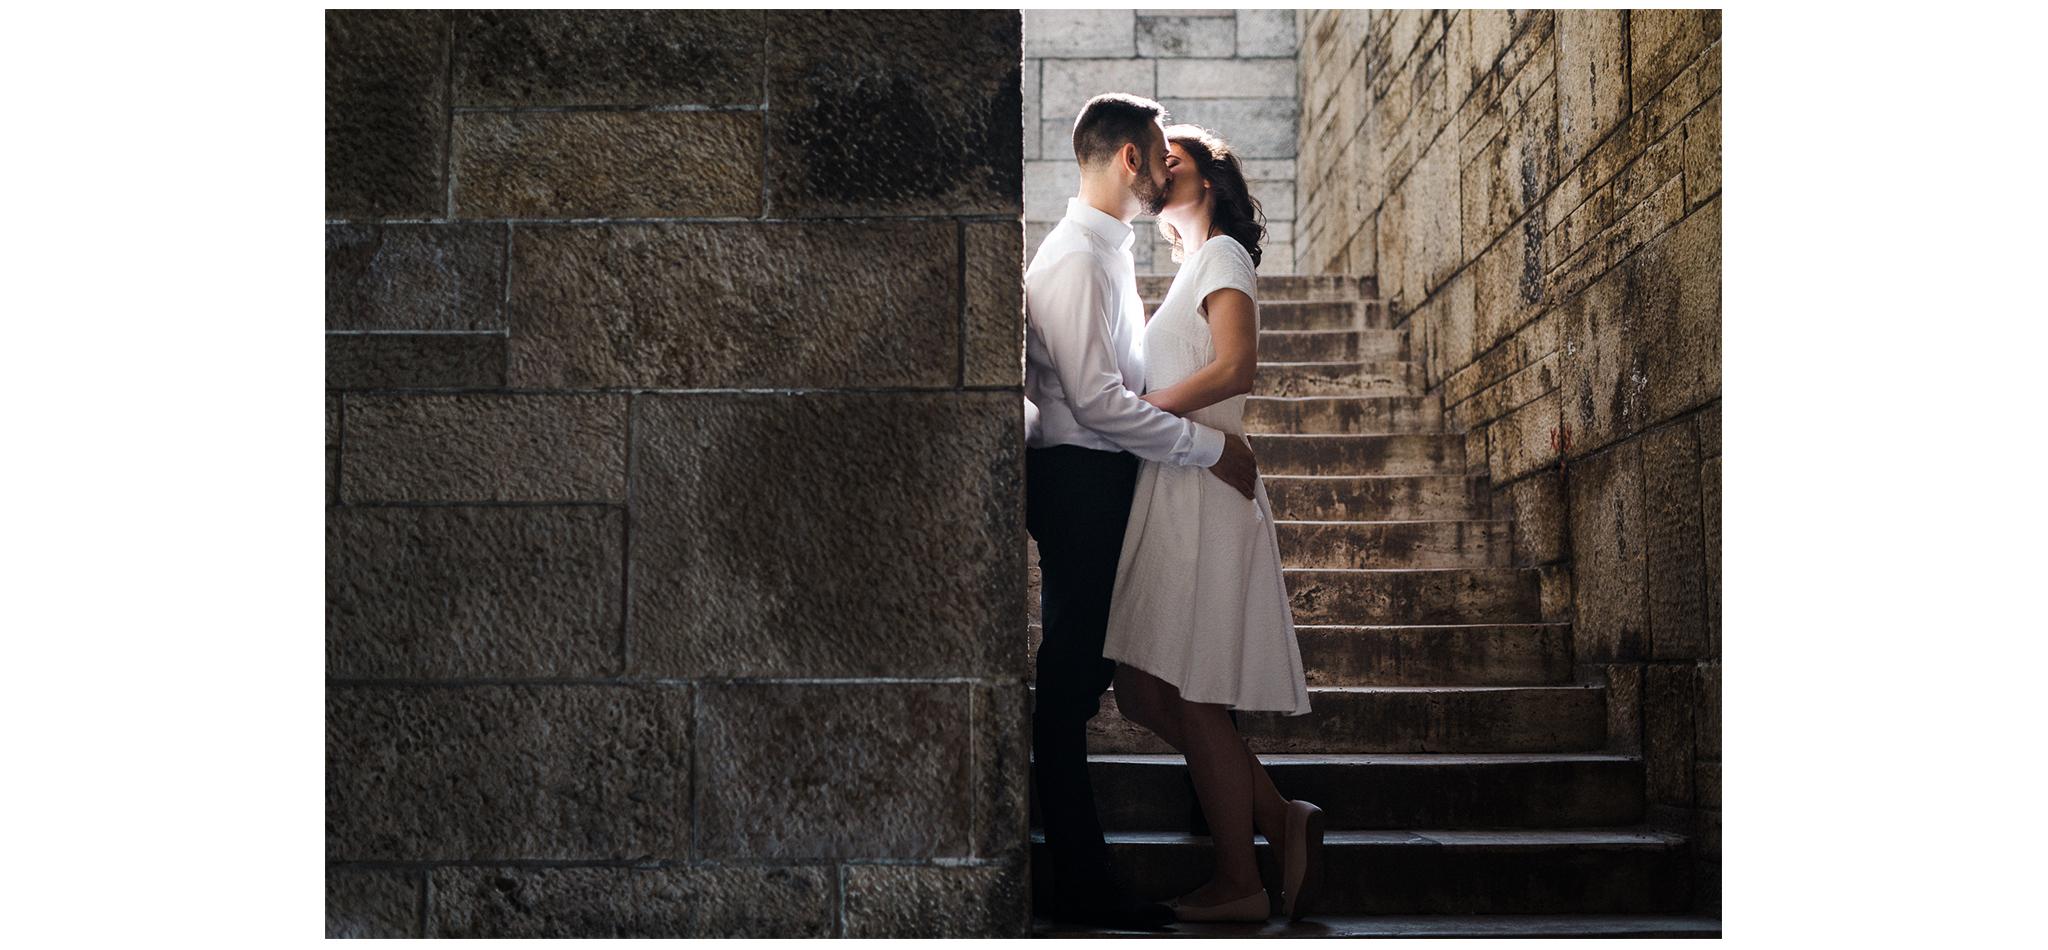 MONT_FylepPhoto, Esküvőfotós Vasmegye, Esküvő fotózás, Esküvői fotós, Körmend, Vas megye, Dunántúl, Budapest, Fülöp Péter, Jegyes fotózás, jegyesfotó_Ramona&Marci,2018_009.jpg